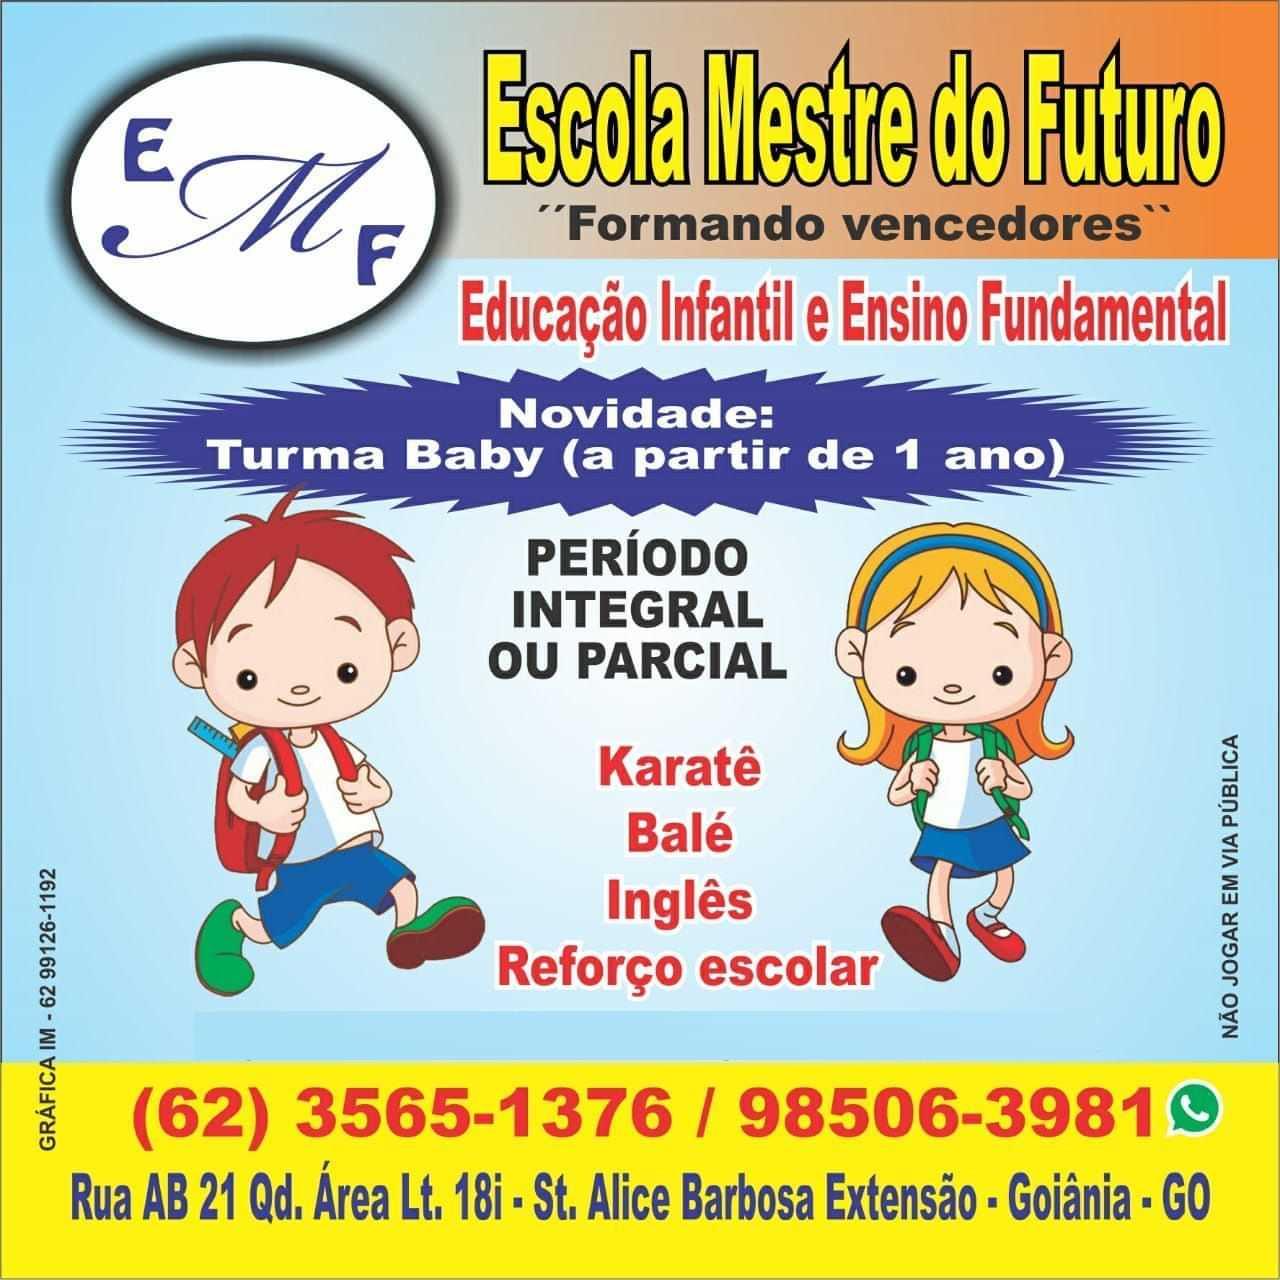 Escola Mestre do Futuro